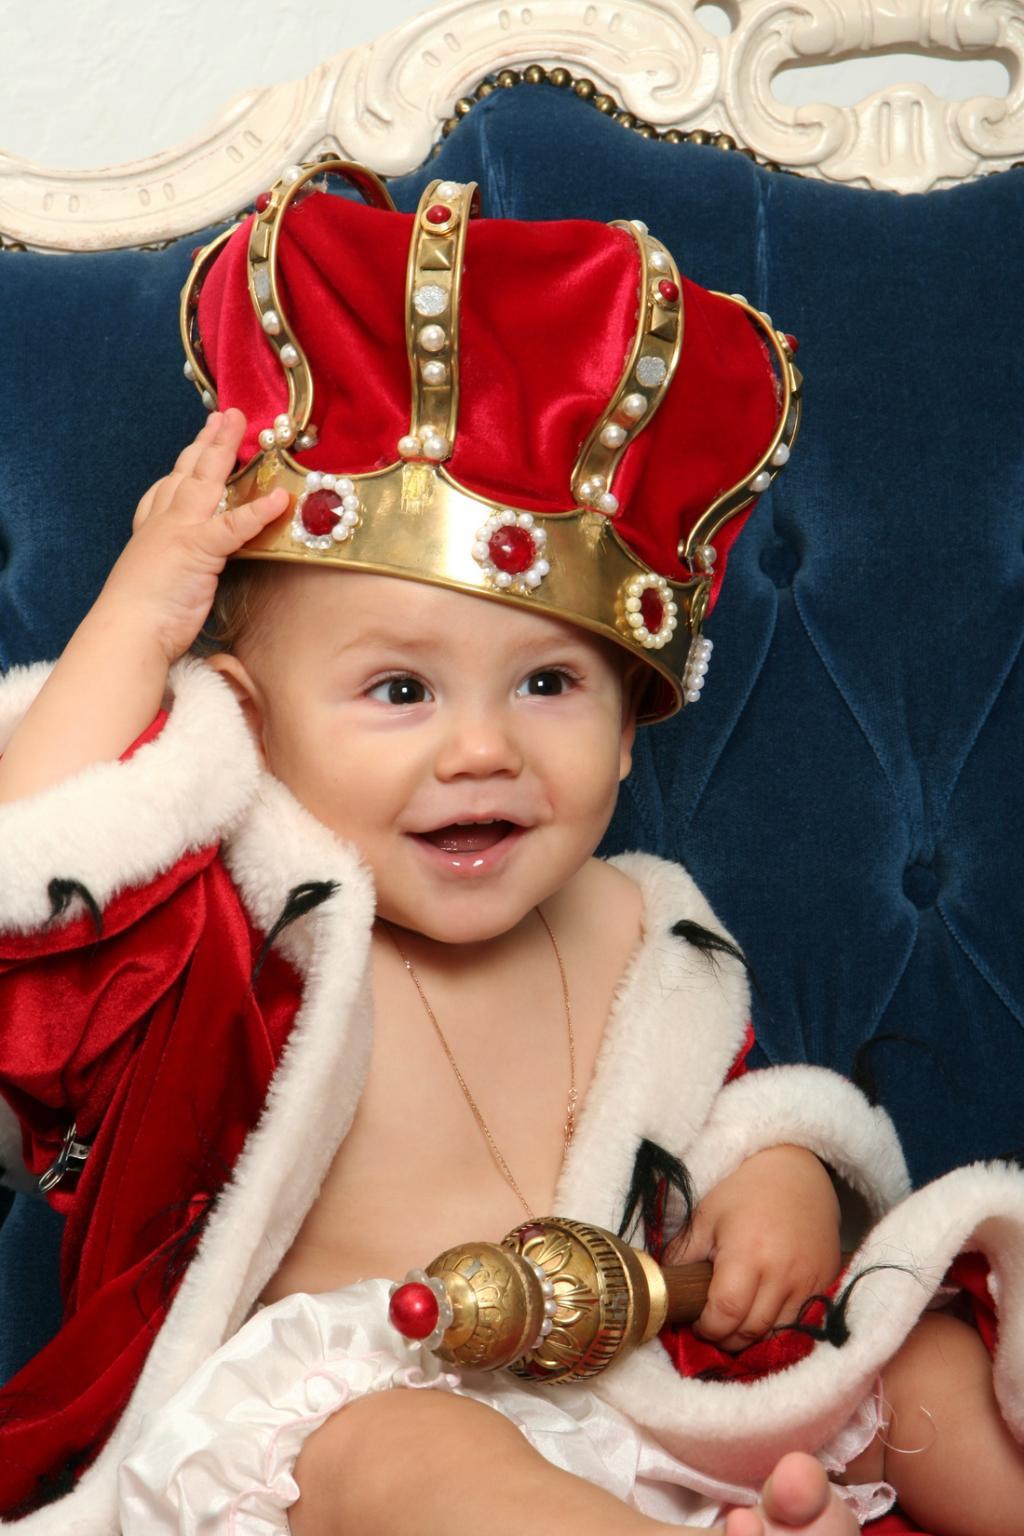 Улыбчивый Король!. Время улыбаться